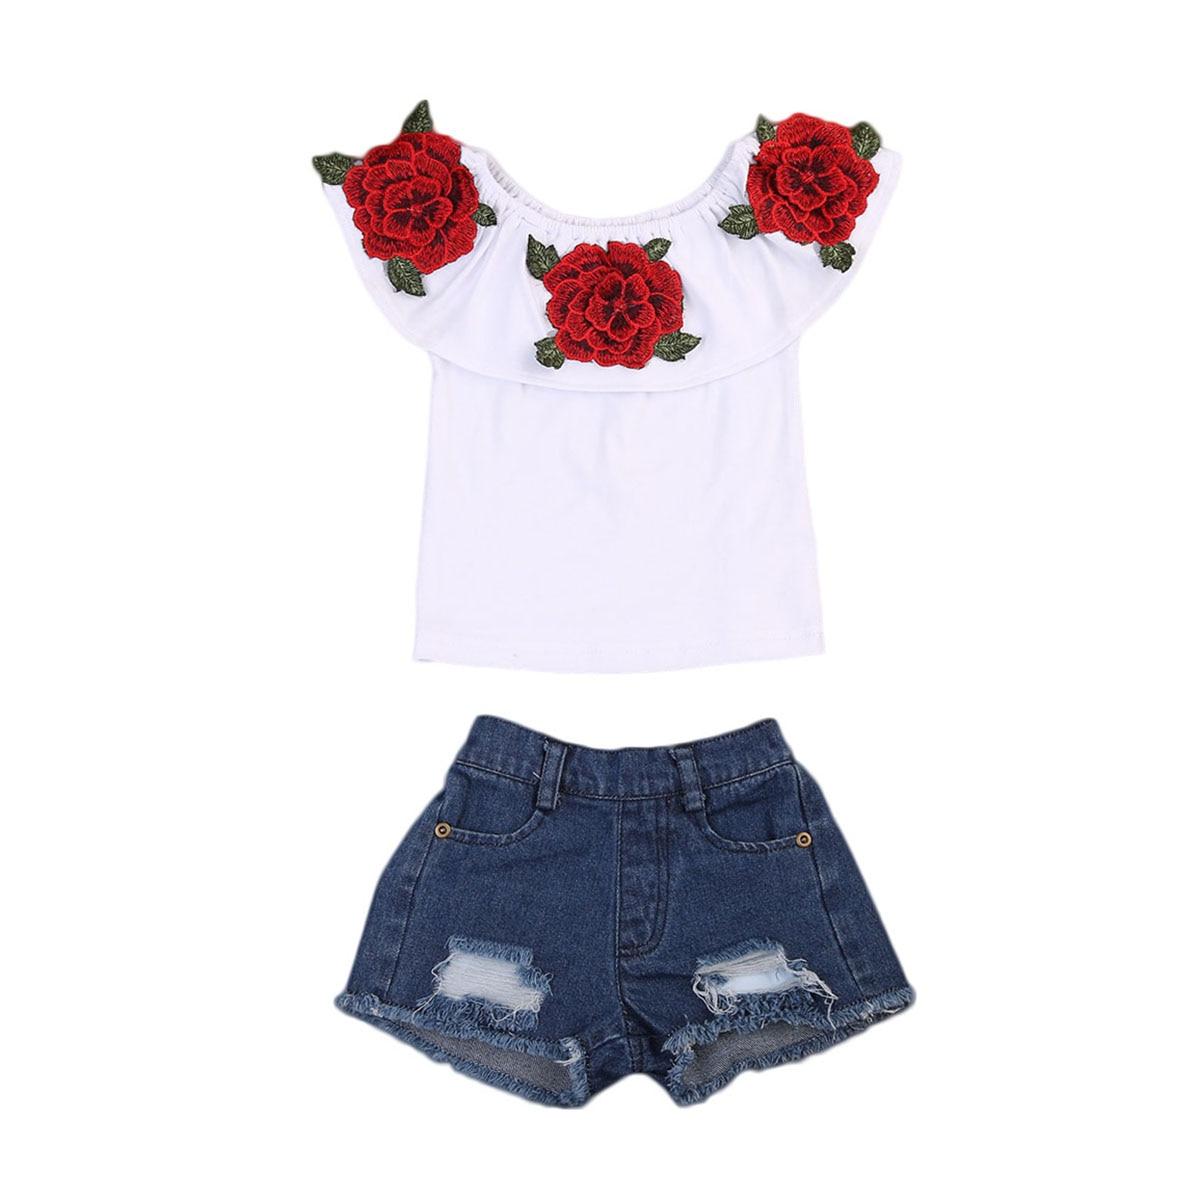 f074b9d2a939f 2pcs Little Girls 3D Flower Summer Clothing Set Pretty Toddler Kids Baby  Girl Floral Tops Denim